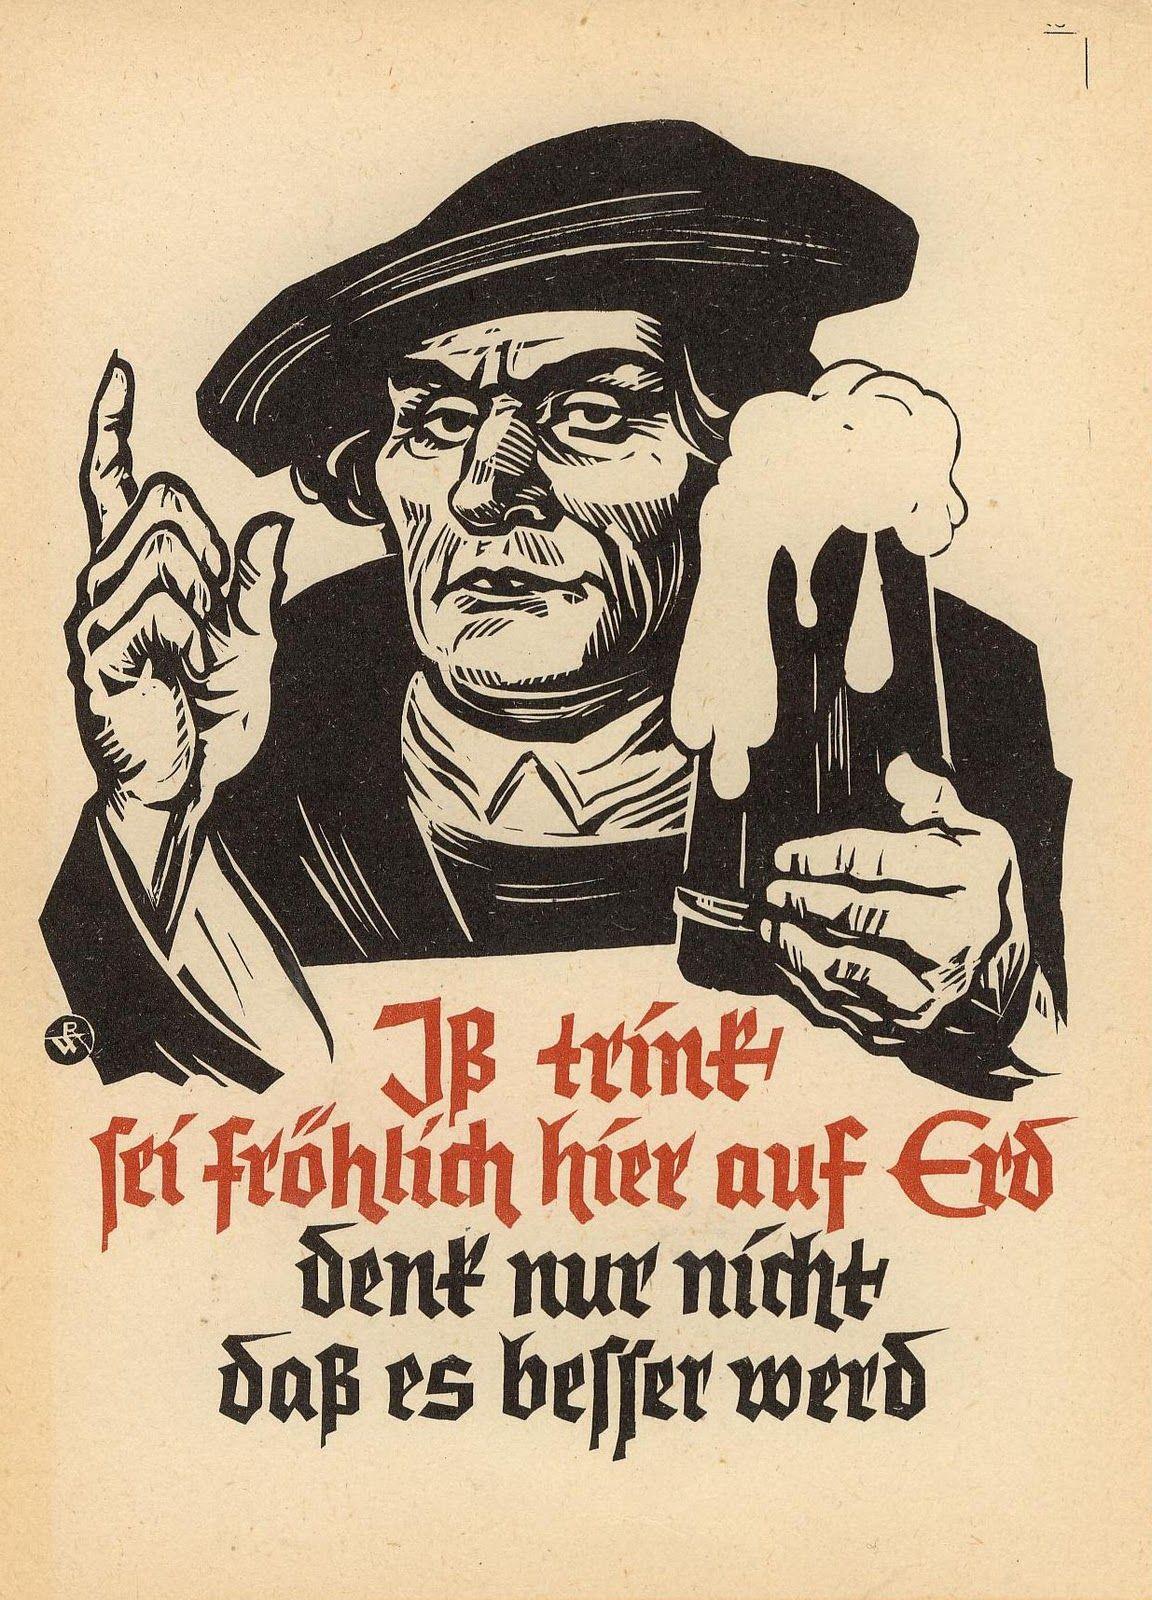 Pin von Vorname Nachname auf Bier | Beer quotes, Humor und ...